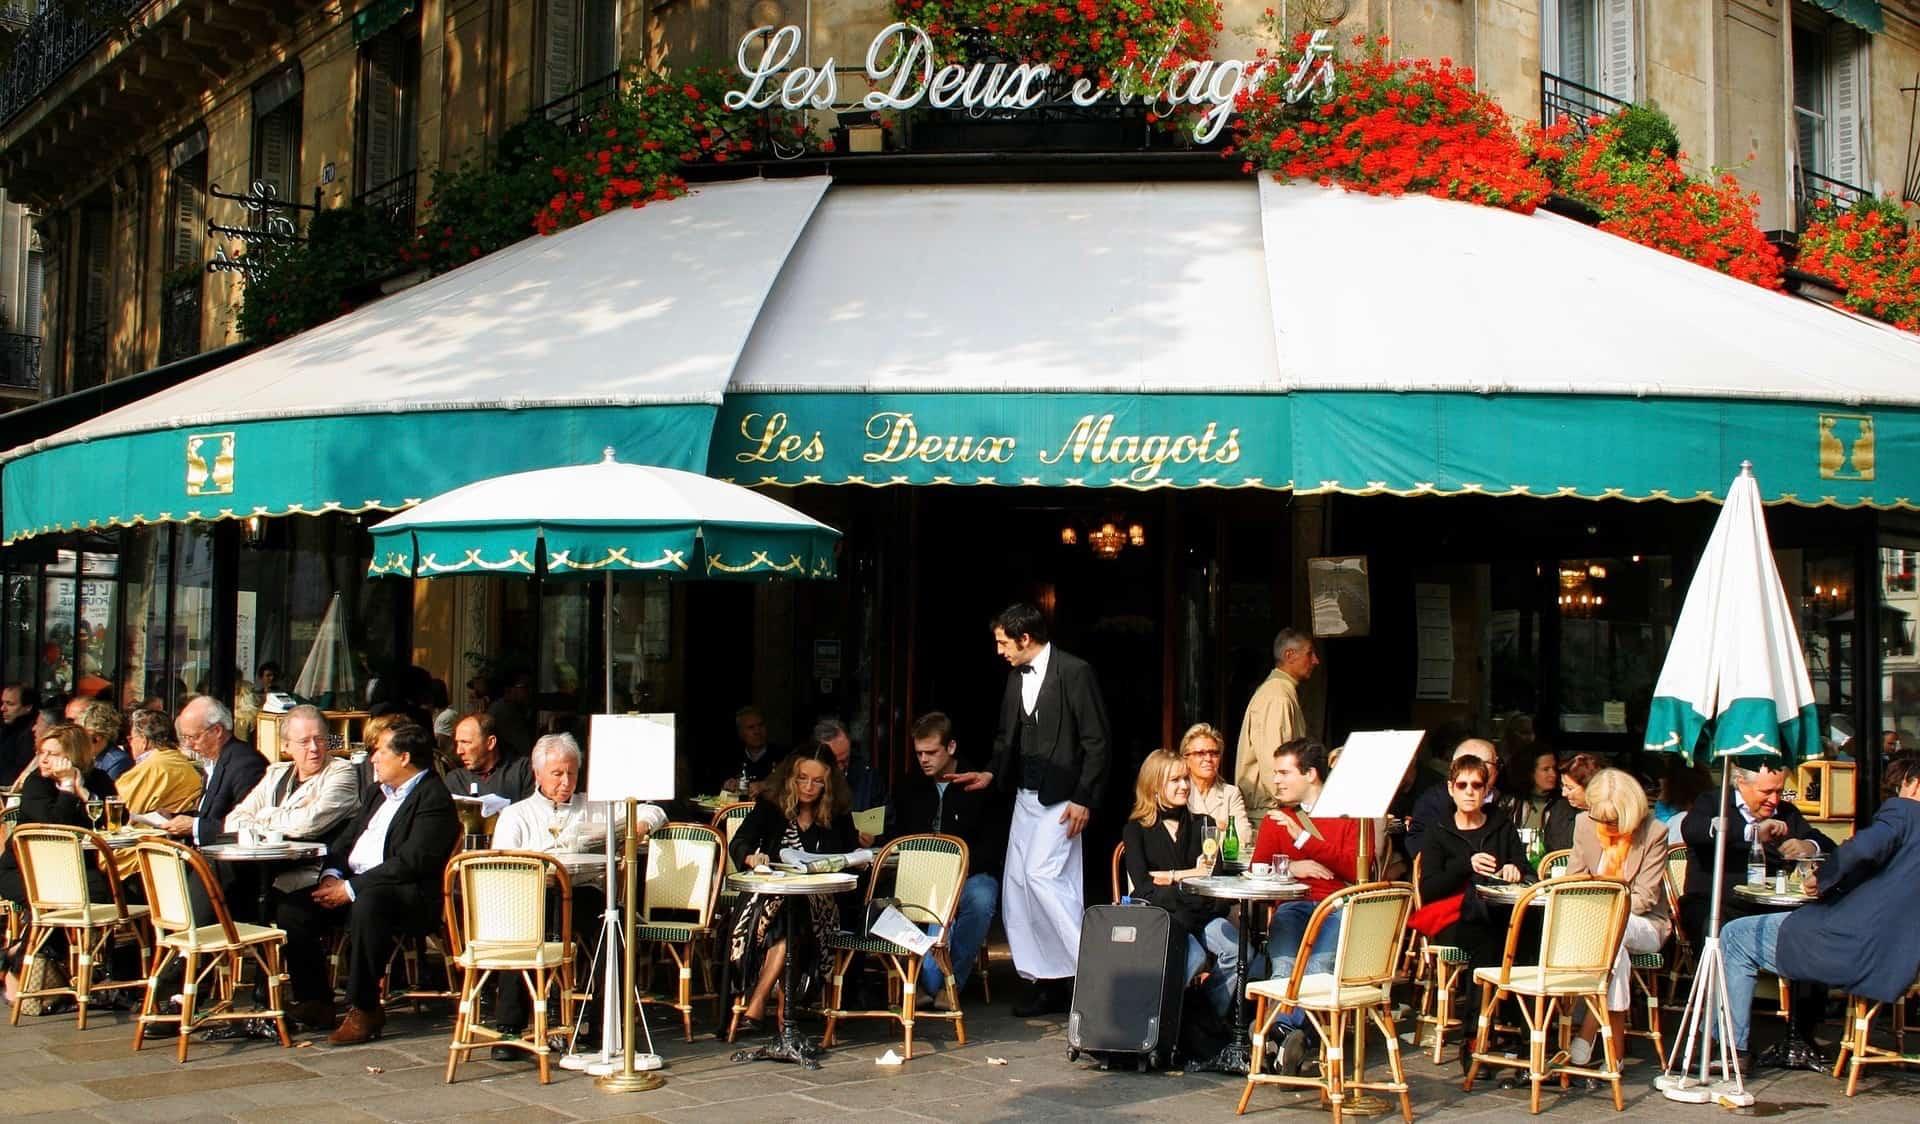 Les Deux Magots in Paris